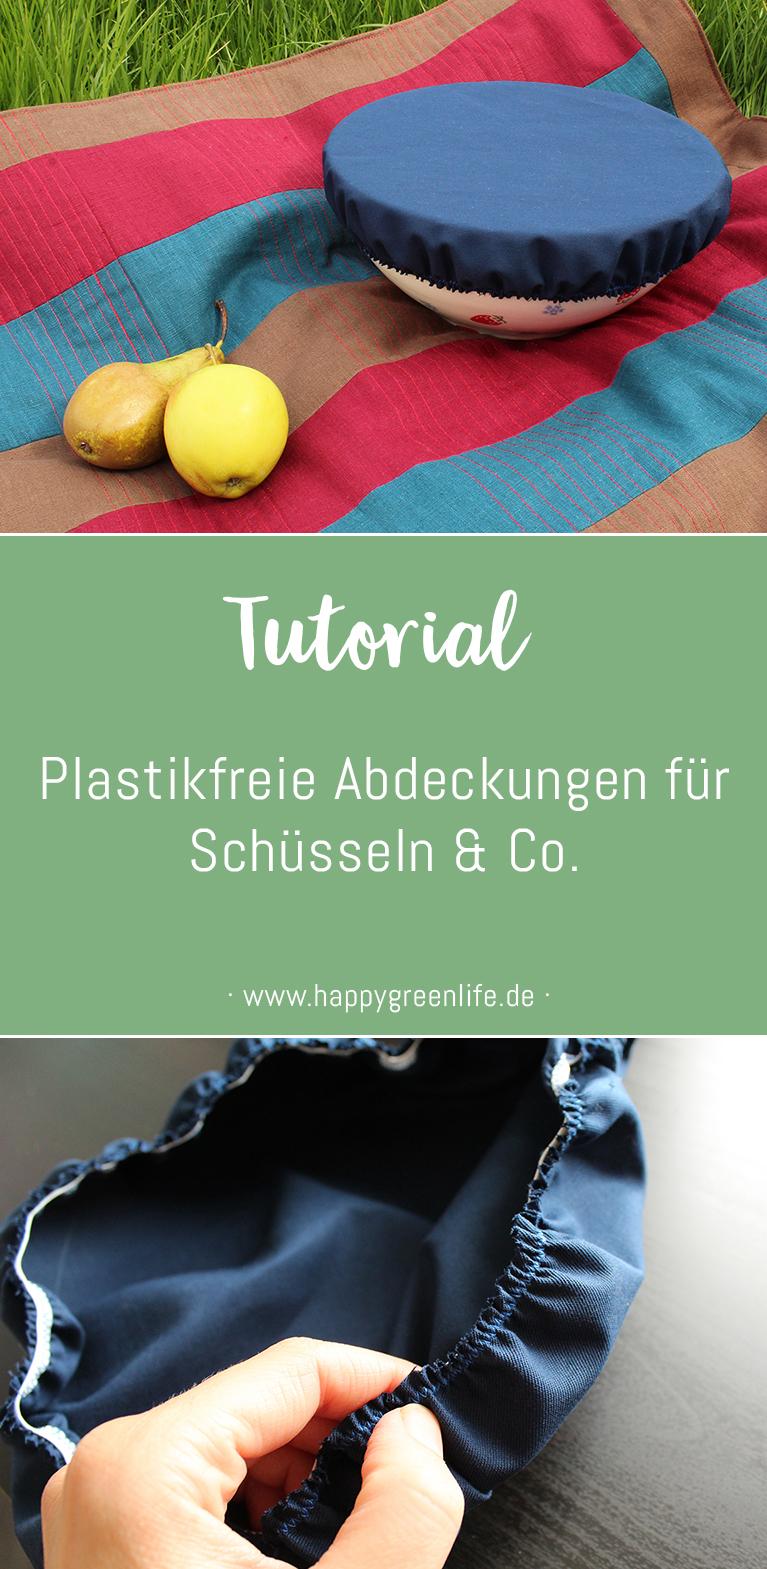 Nähanleitung: Plastikfreie Abdeckungen für Schüsseln & Co.